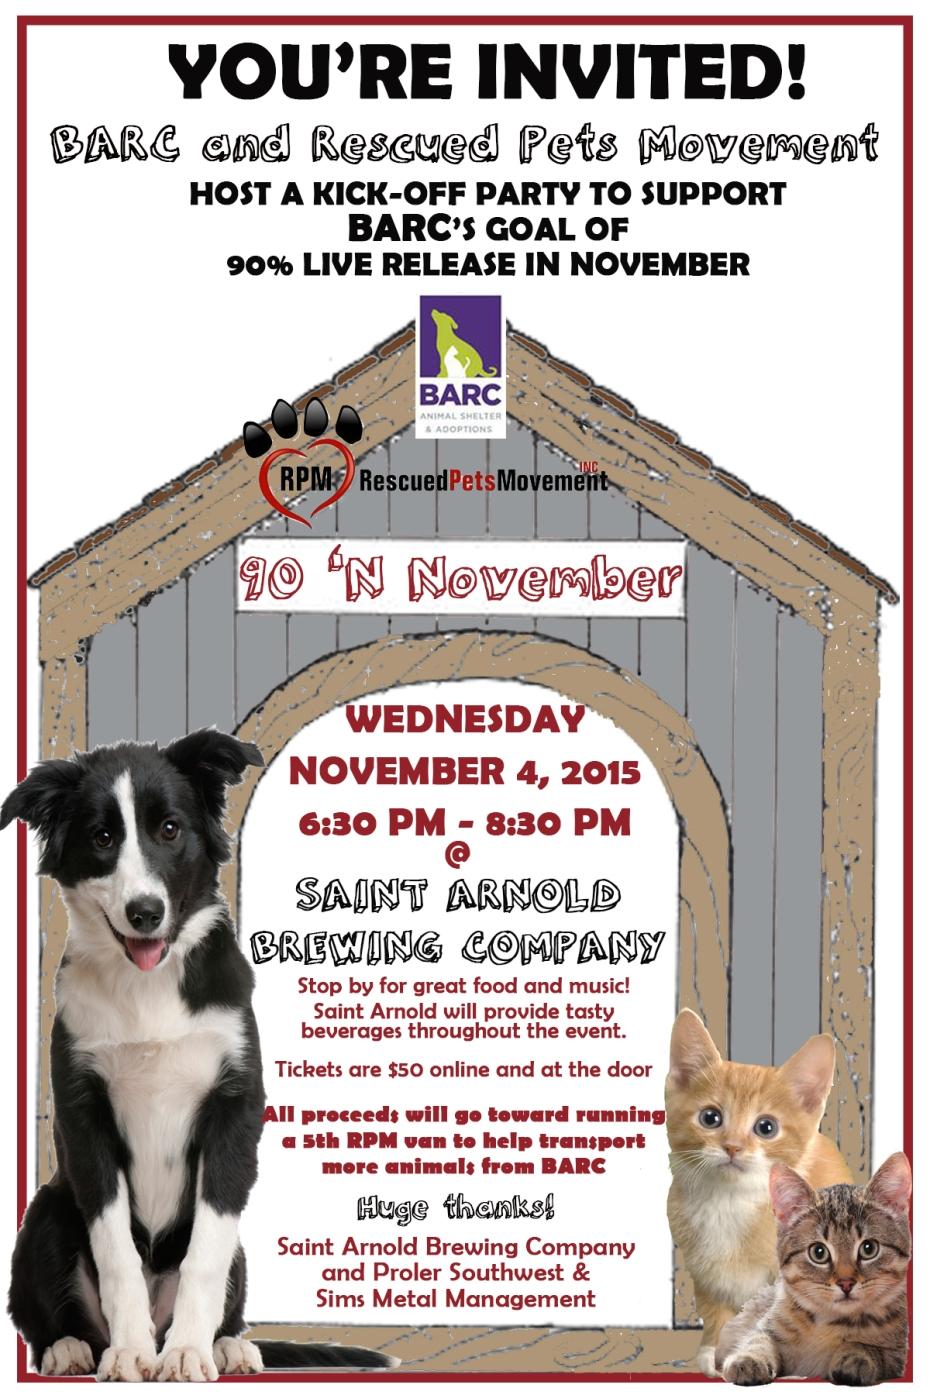 Nov 4 Invitation_RPM AND BARC